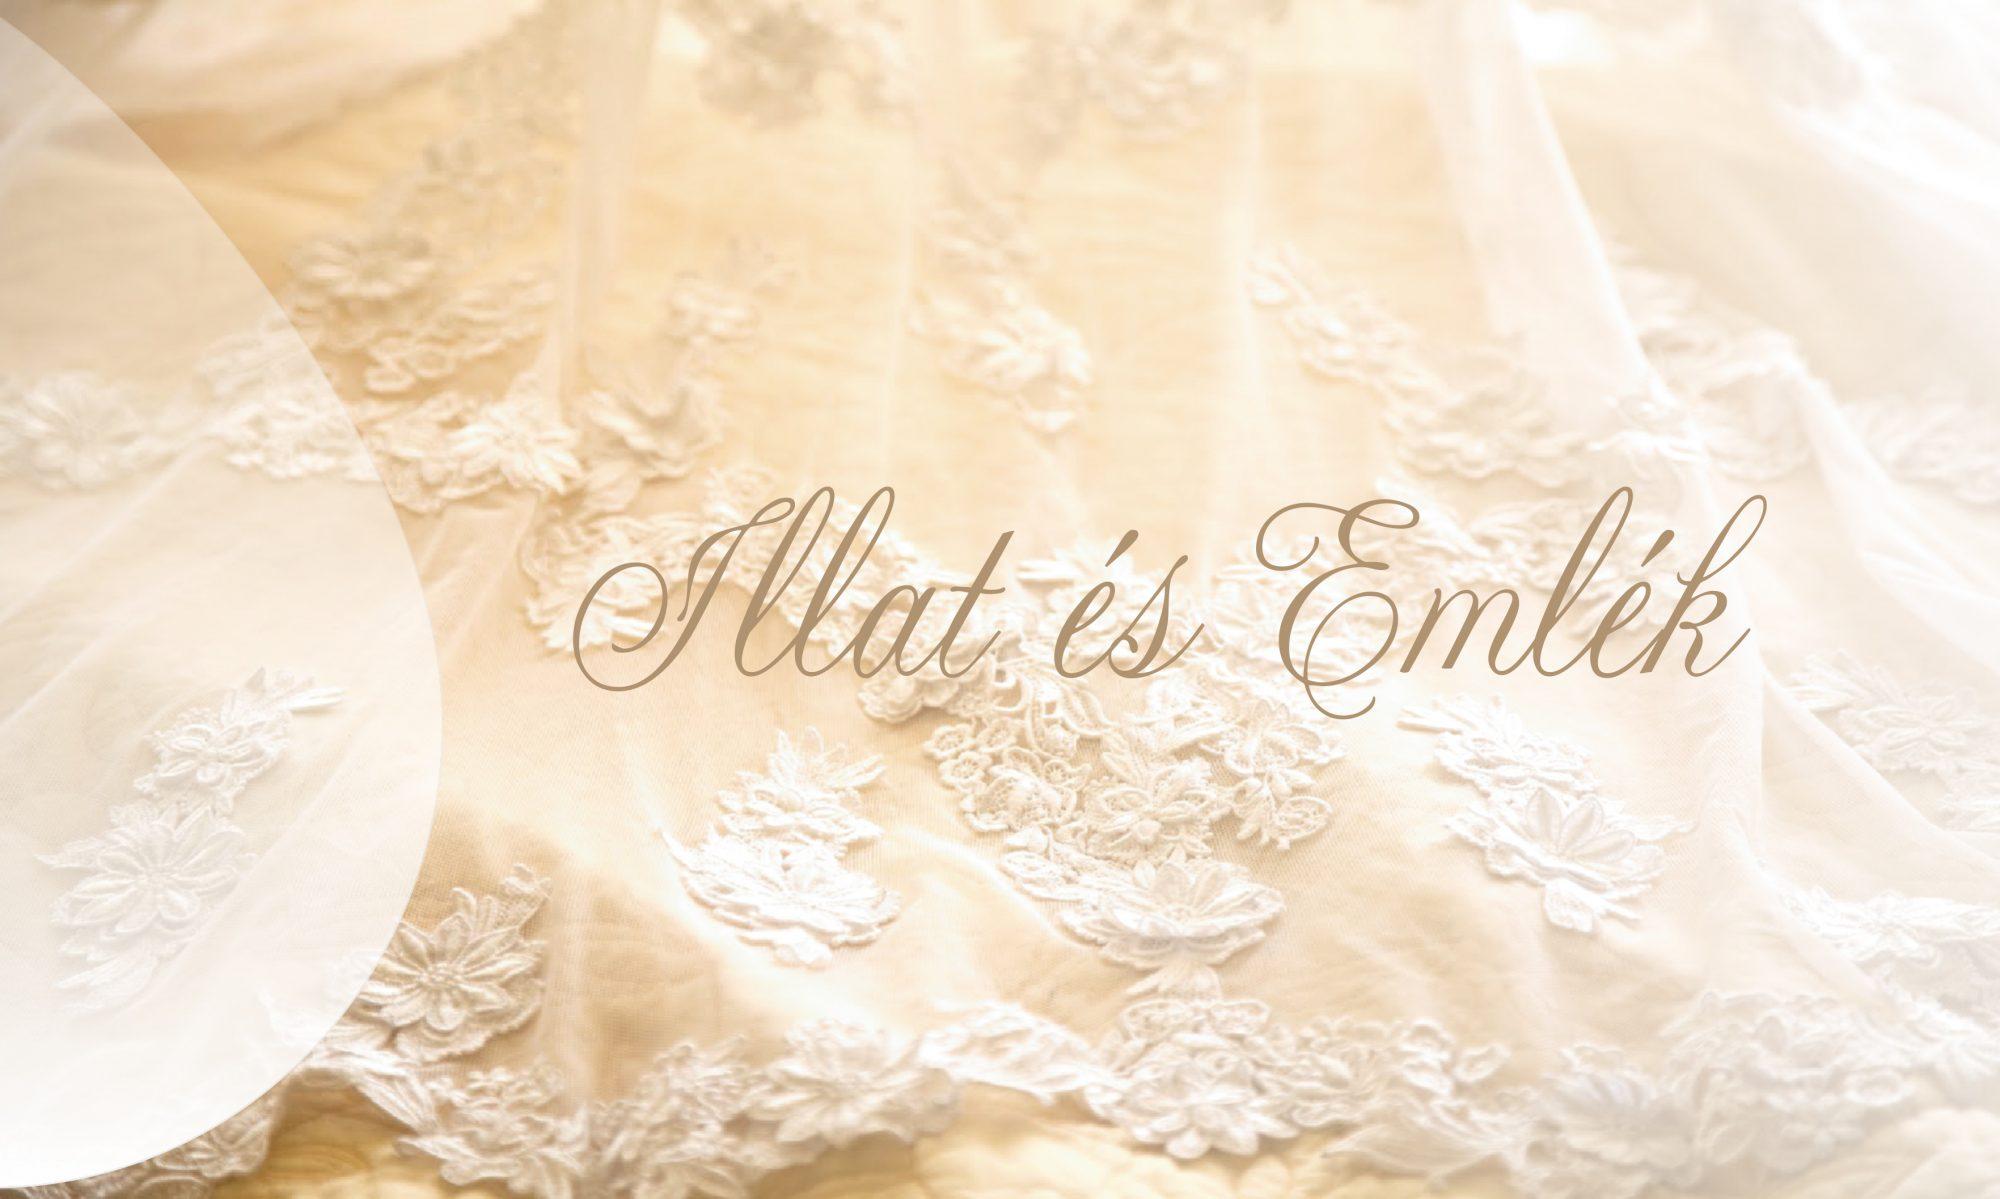 esküvőillatosítás · esküvői illat készítése · köszönetajándékok